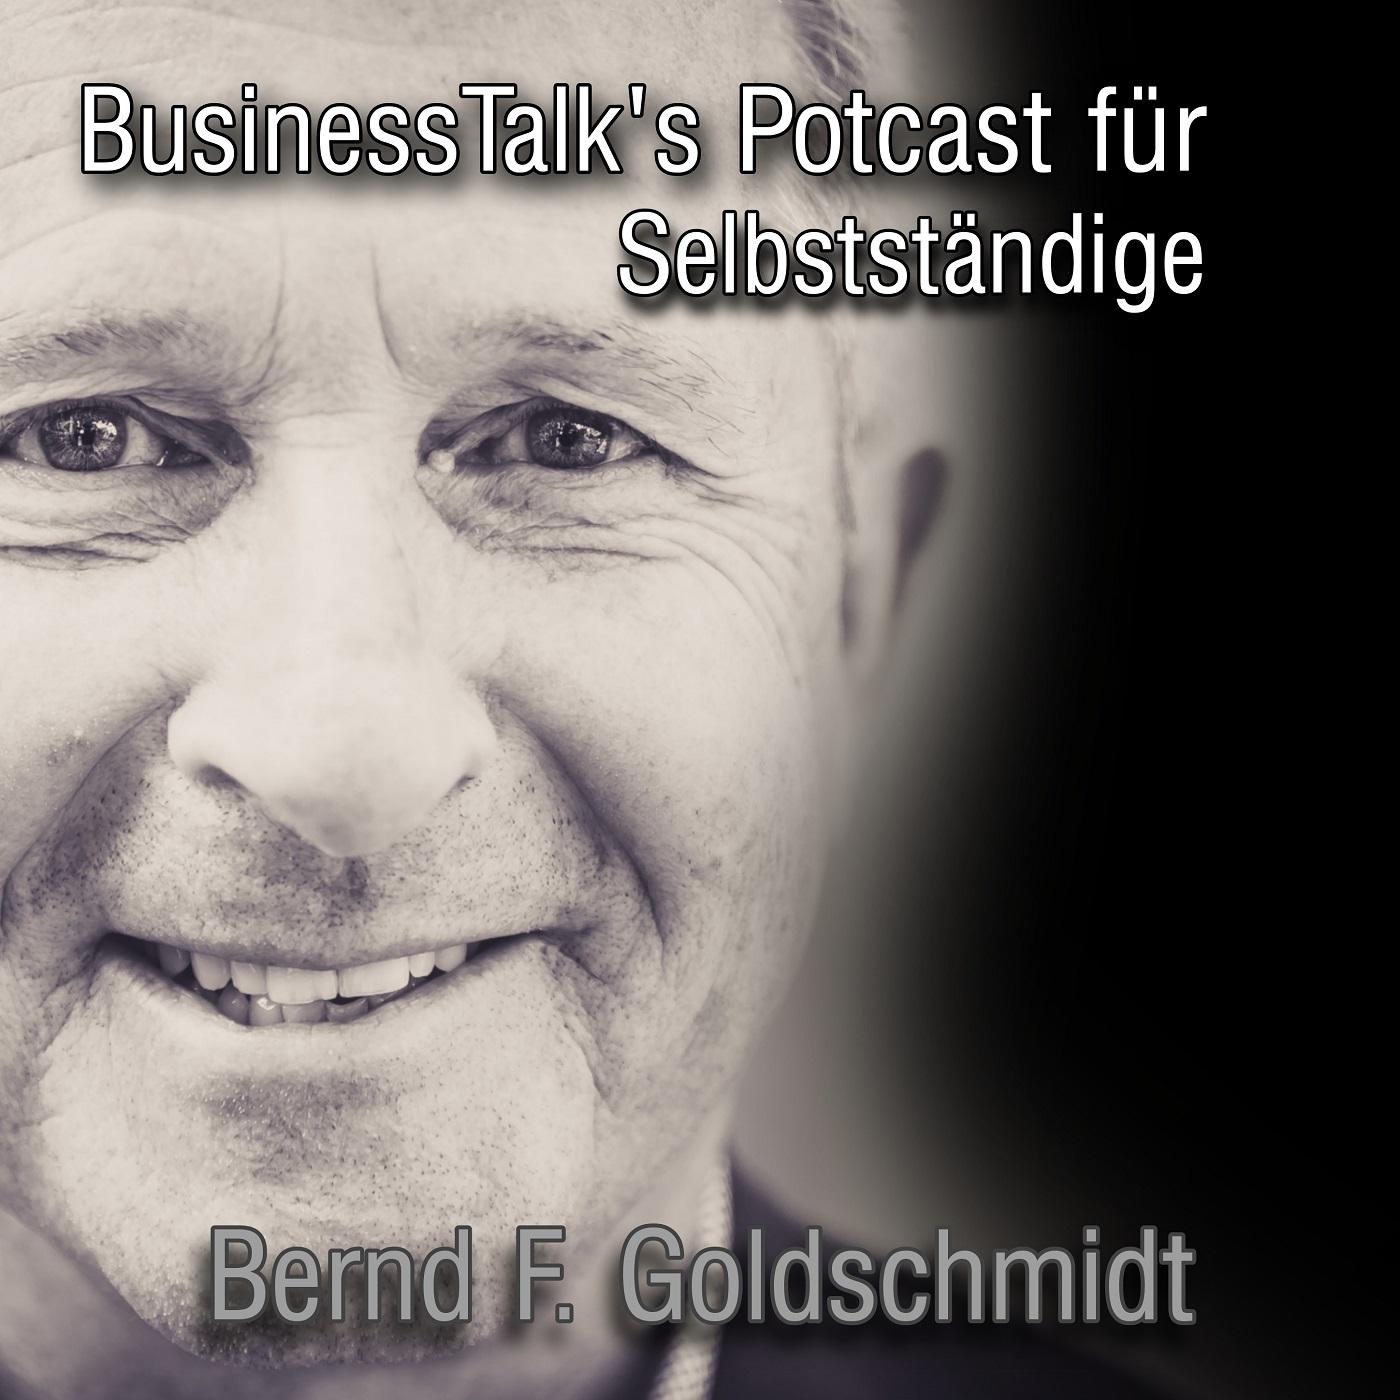 BusinessTalk's podcast für Selbstständige mit Bernd Goldschmidt show art